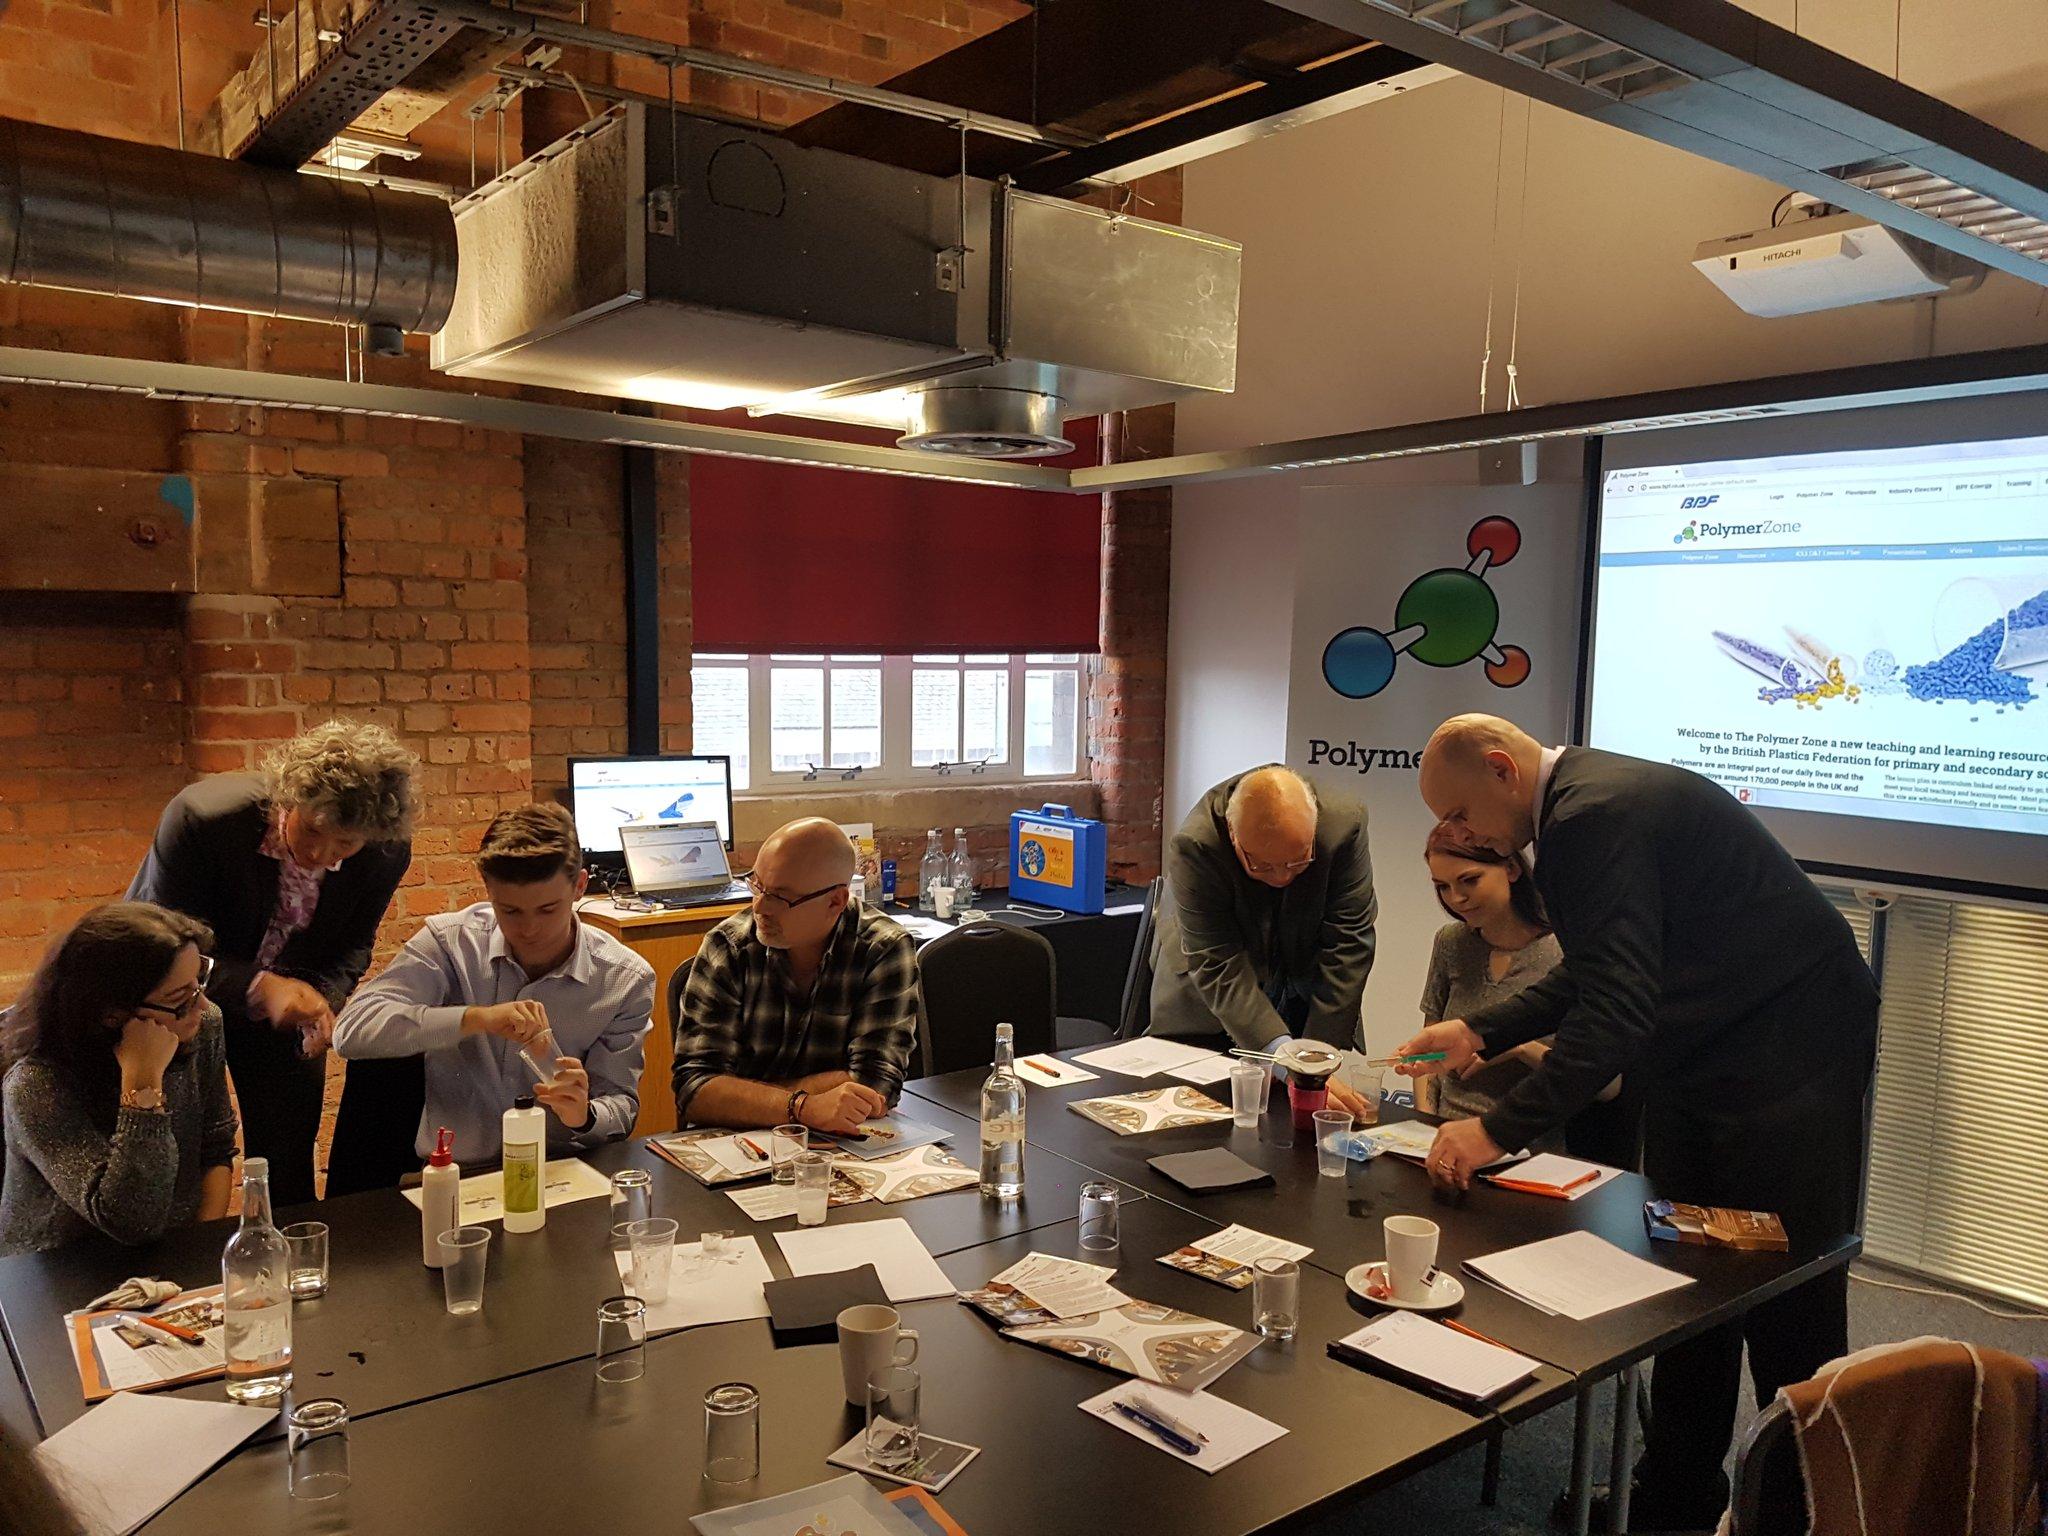 Fleißiges Ausprobieren der Kuno, pardon, Olly-Experimente in Manchester